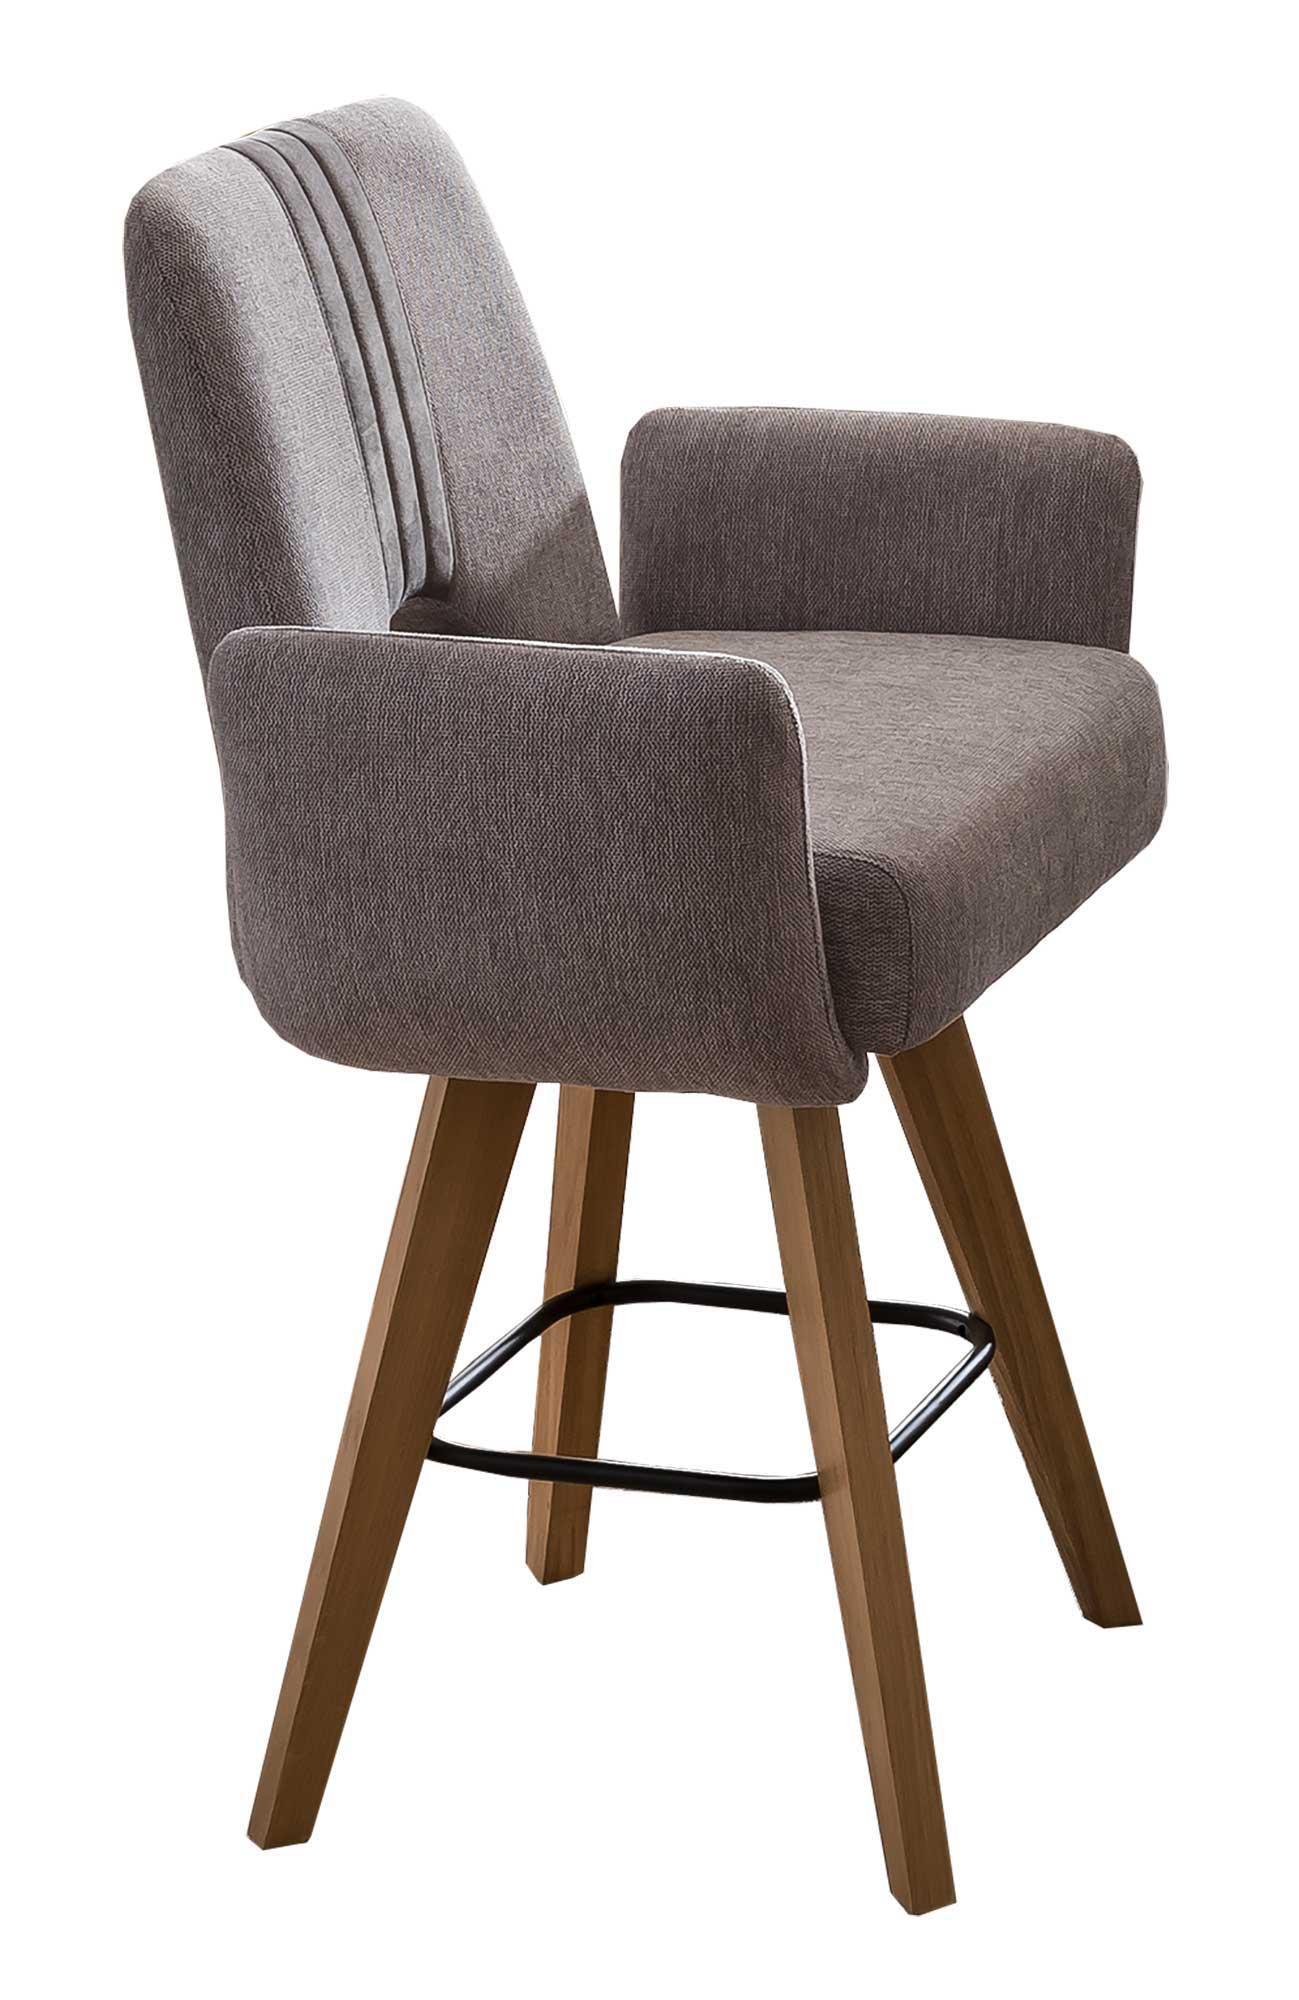 Standard Furniture Nantes PBarstühle grau mit Armlehnen